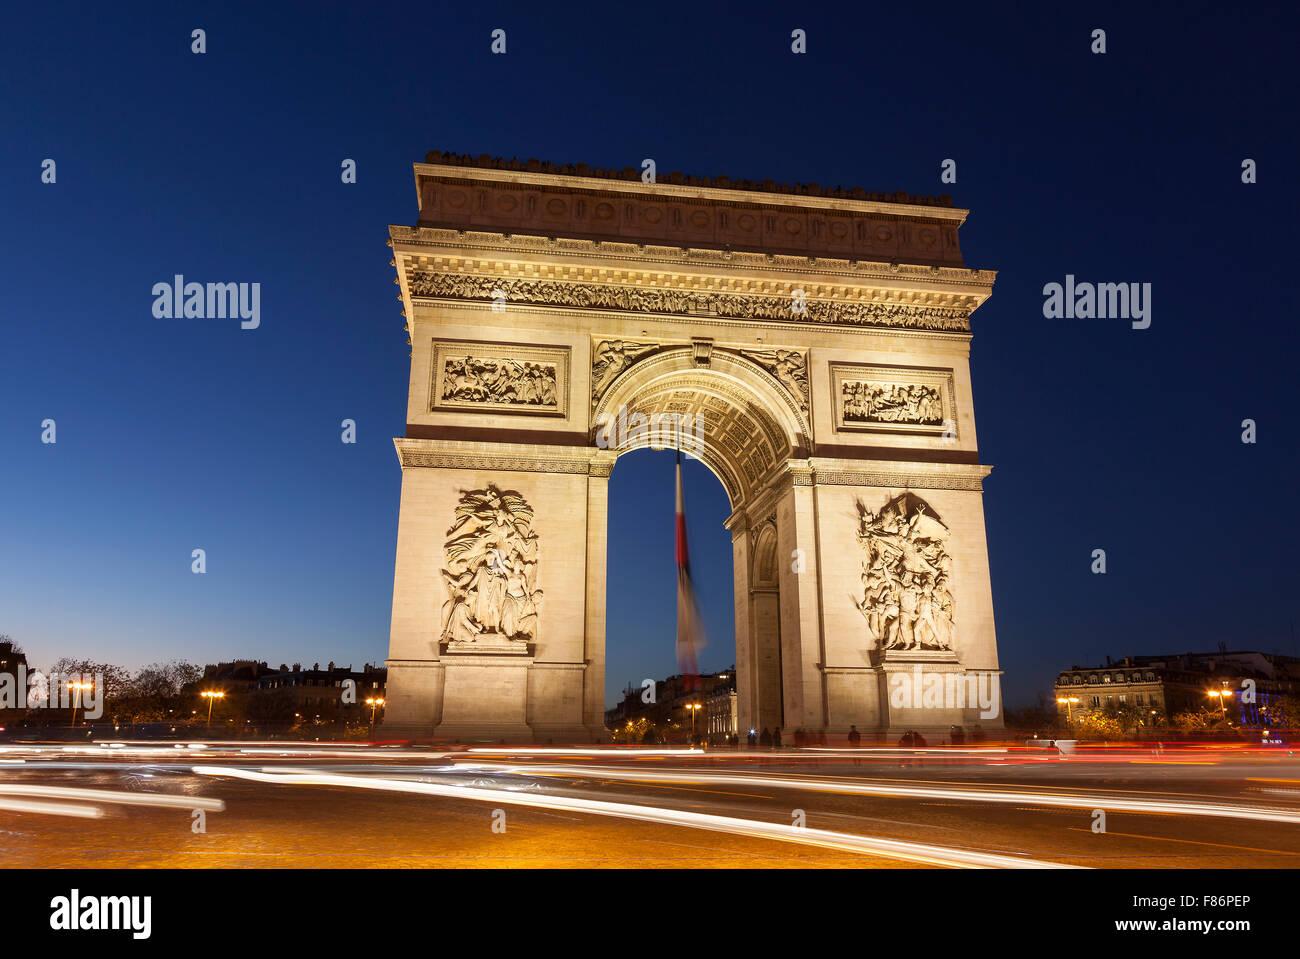 Arc de Triomphe in the Charles de Gaulle square, Paris, Ile-de-France, France Stock Photo